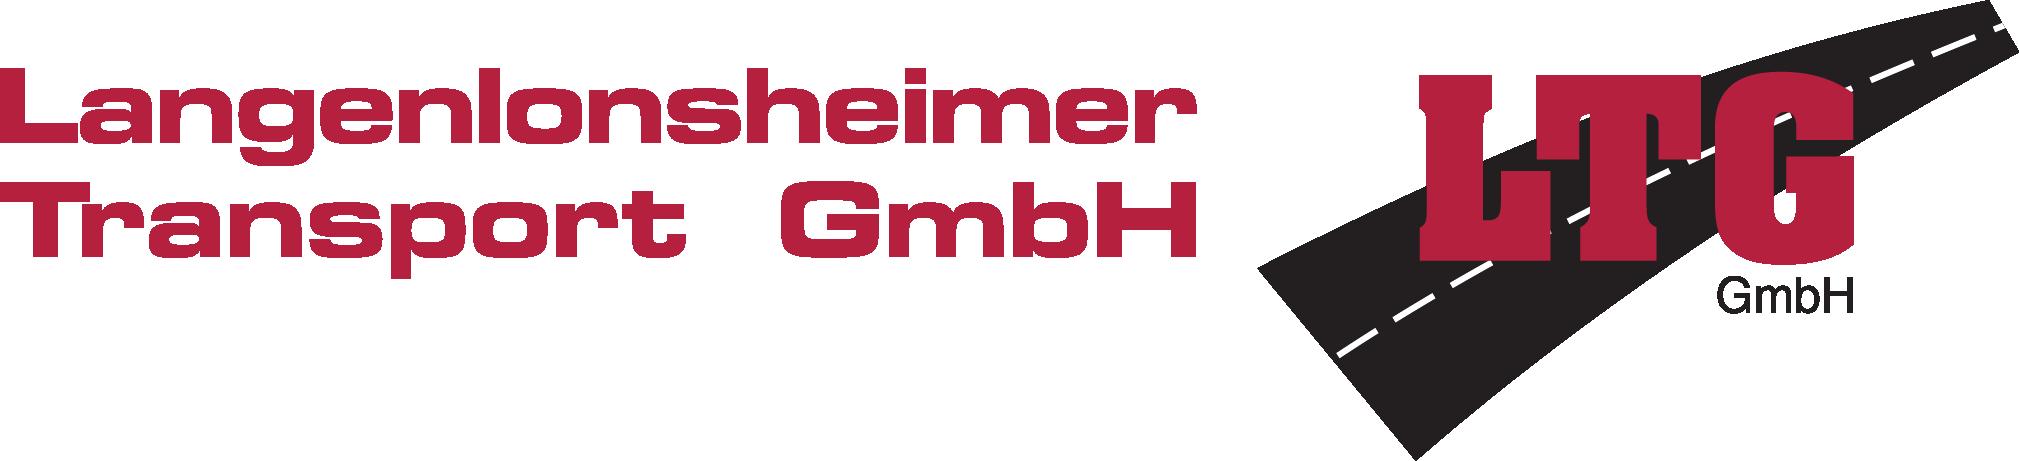 L.T.G. Langenlonsheimer Transport GmbH